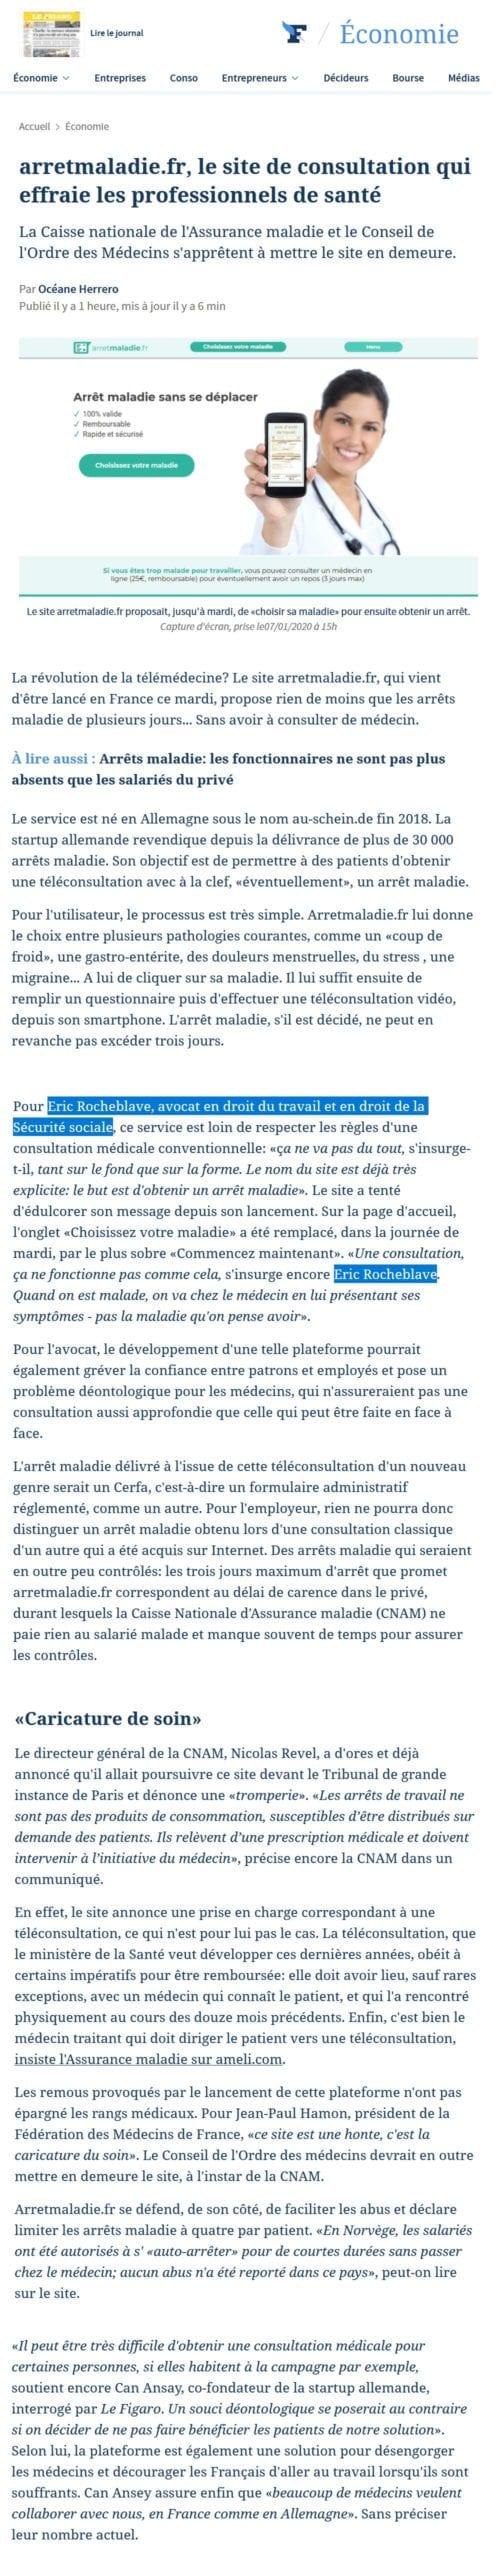 arretmaladie.fr, le site de consultation qui effraie les professionnels de santé » Interview Le Figaro de Maître Eric ROCHEBLAVE